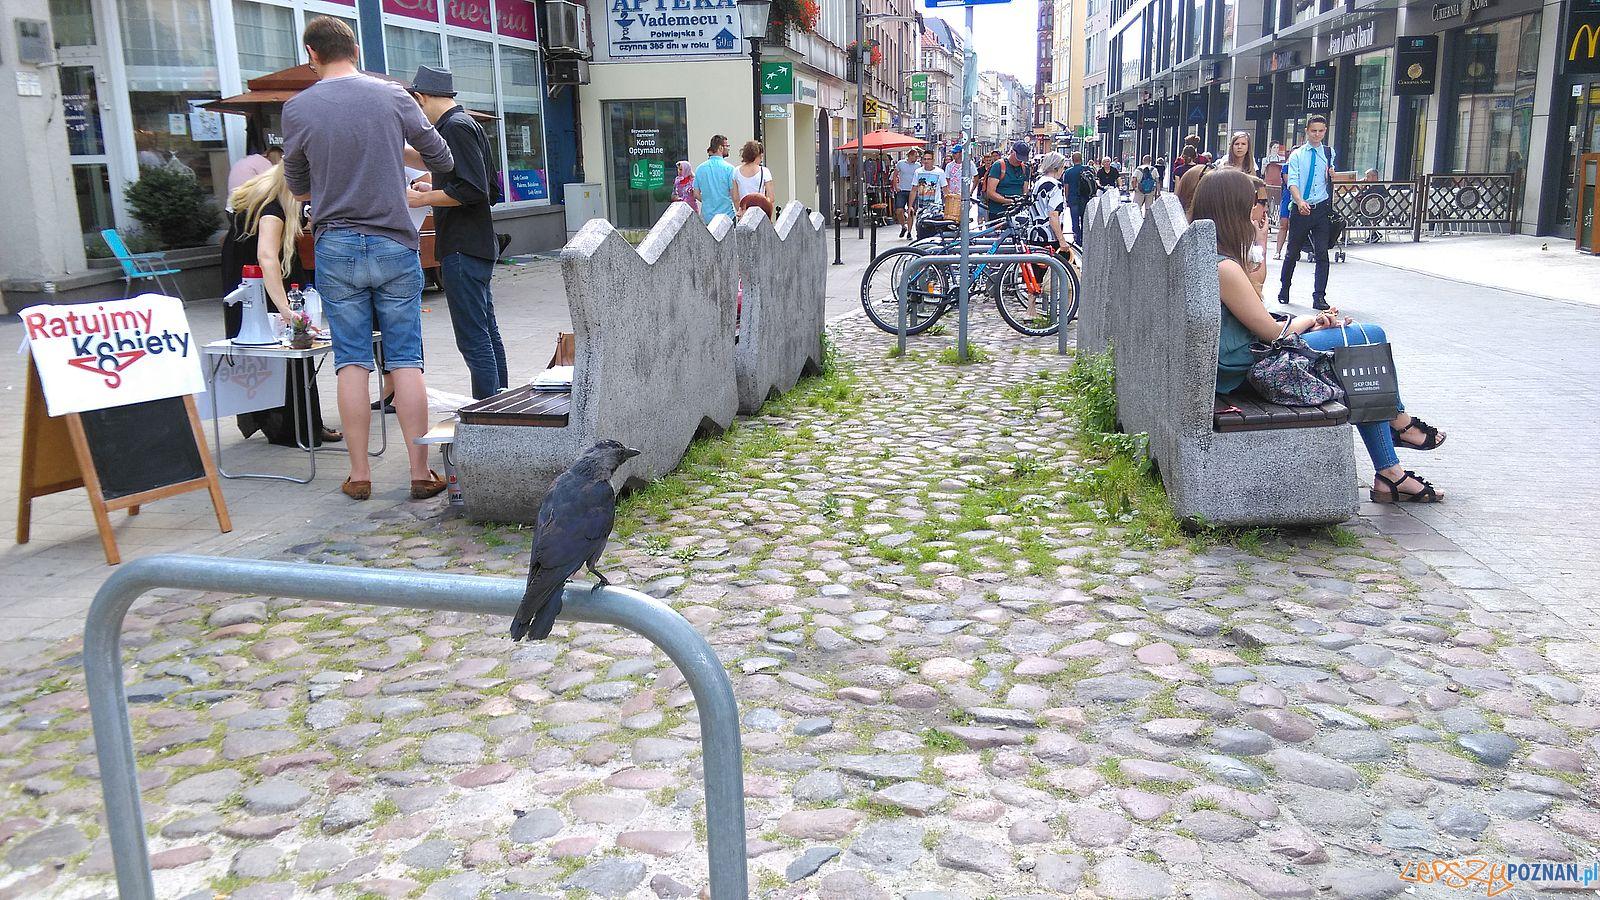 Stary Marych nieporządek wokól pomnika (7)  Foto: T. Dworek / ROSM